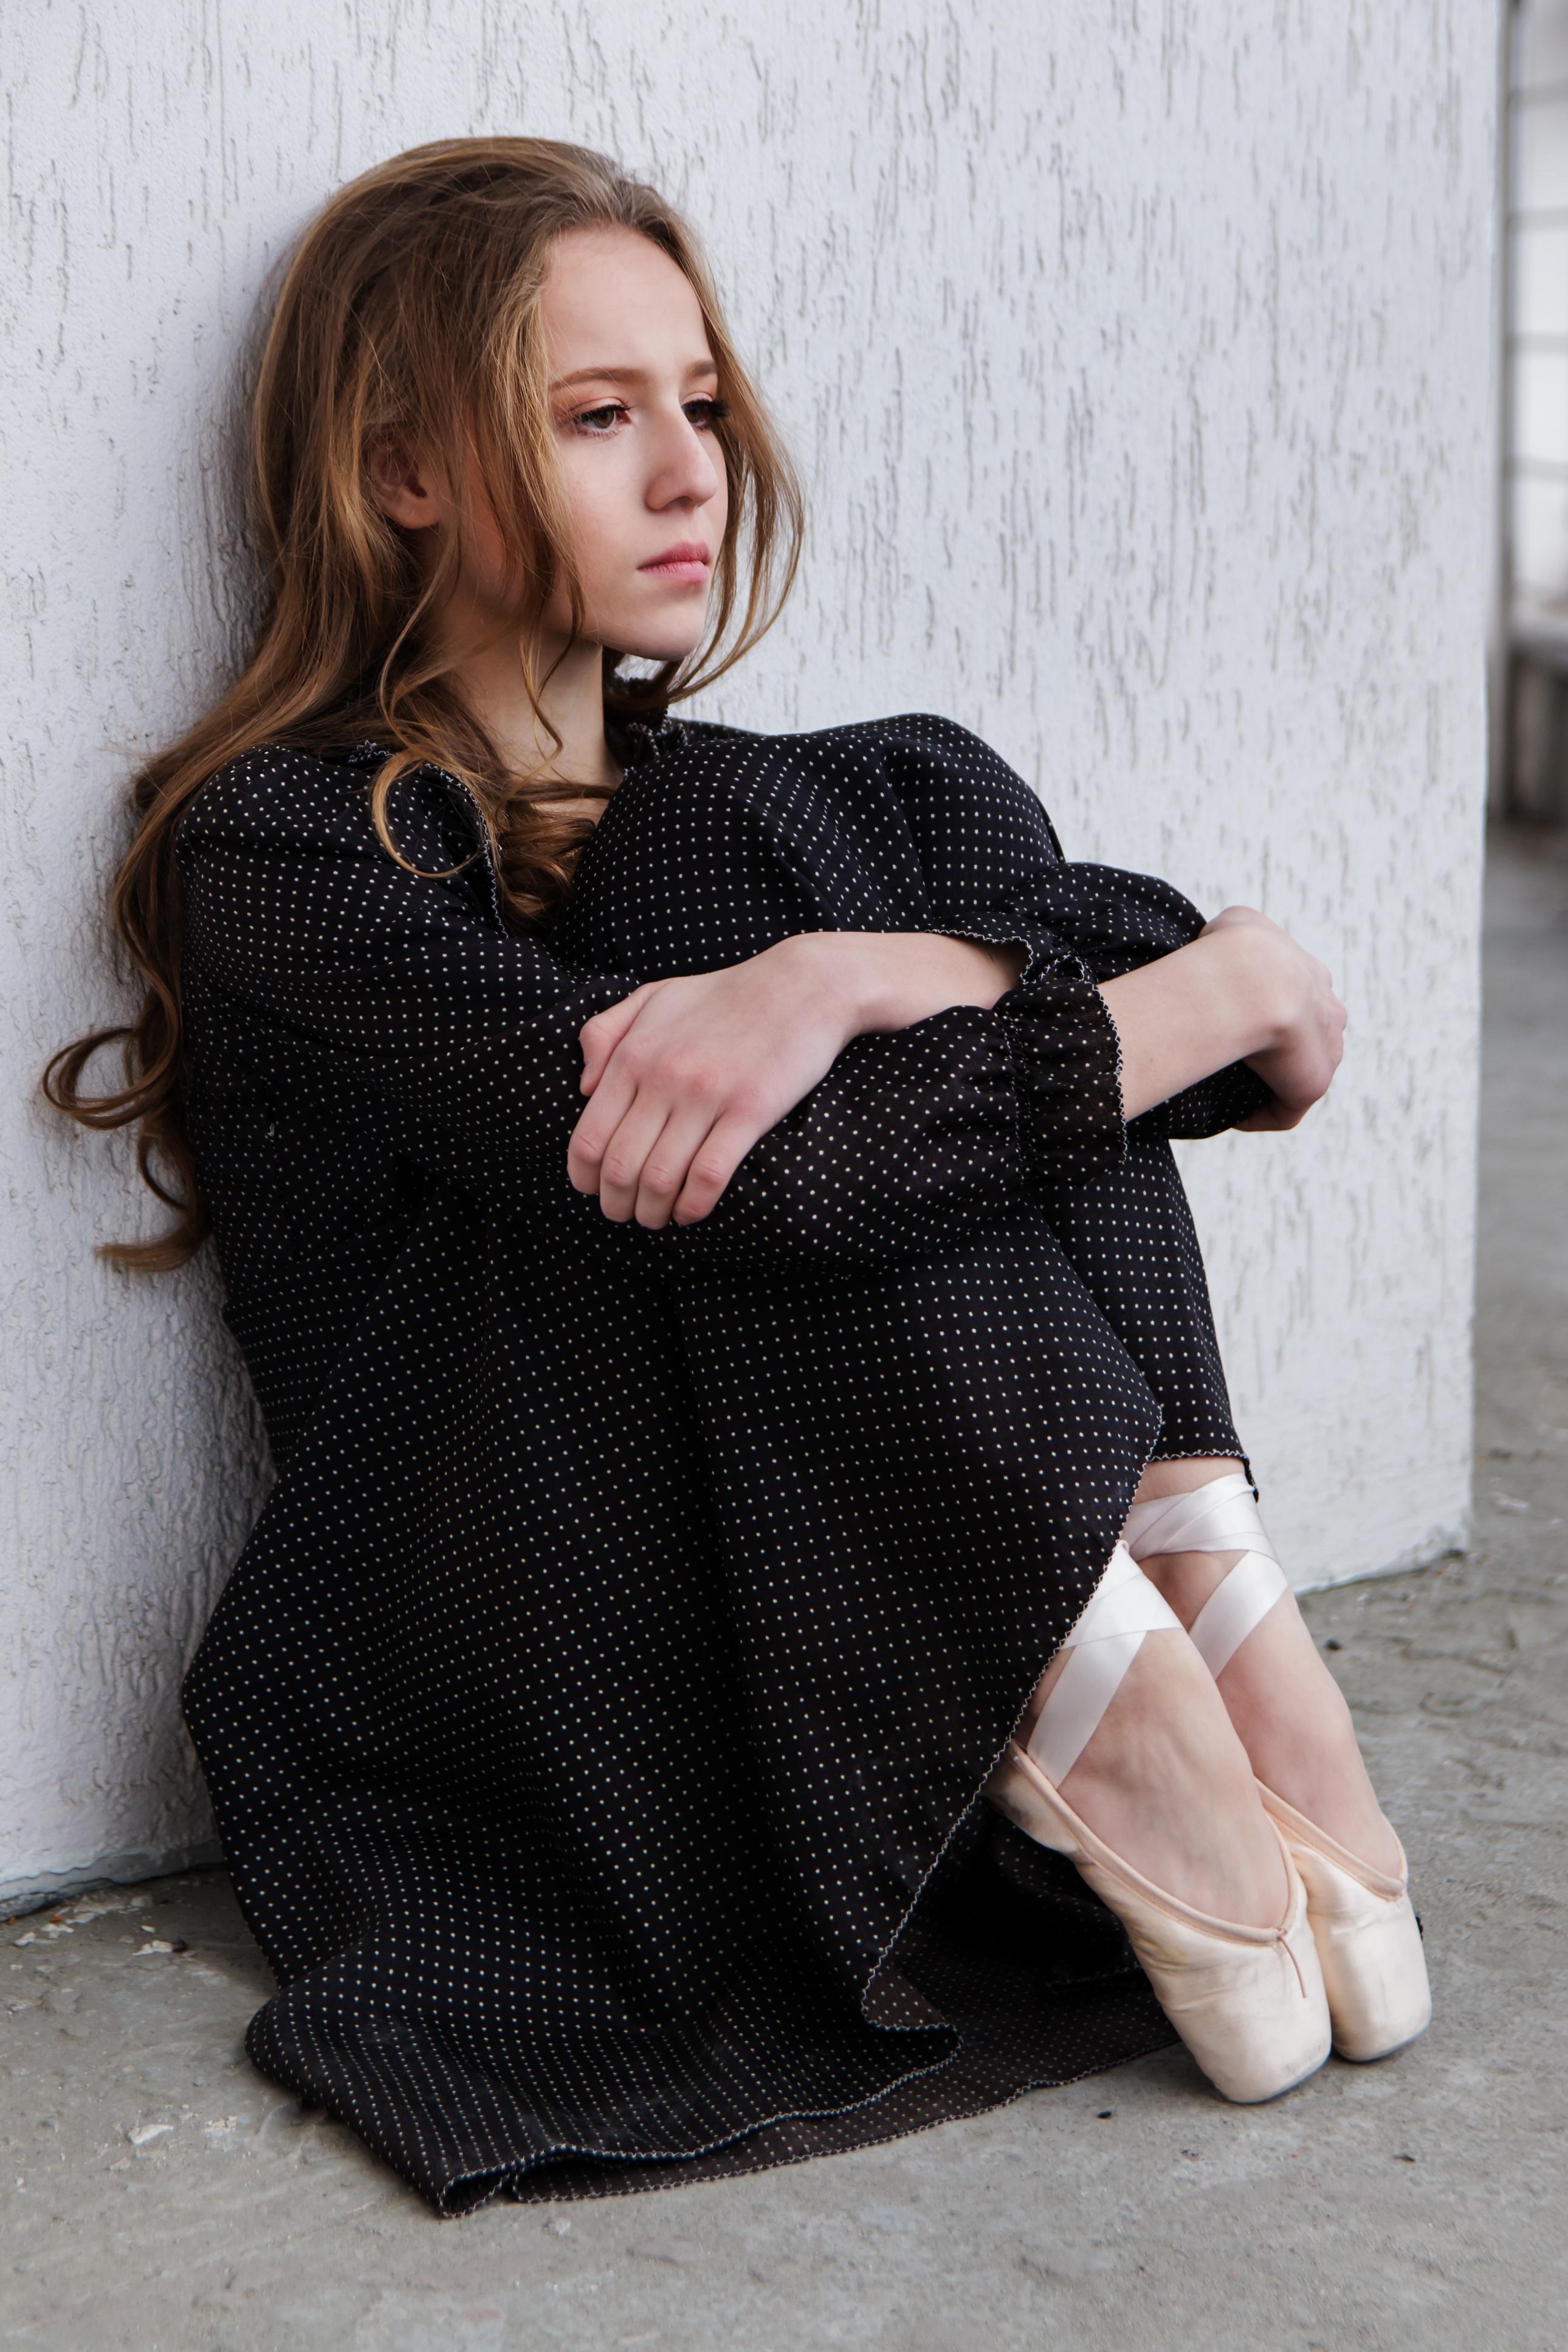 Kostenlose foto : Menschen, Mädchen, Mauer, Foto, weiblich, Muster ...